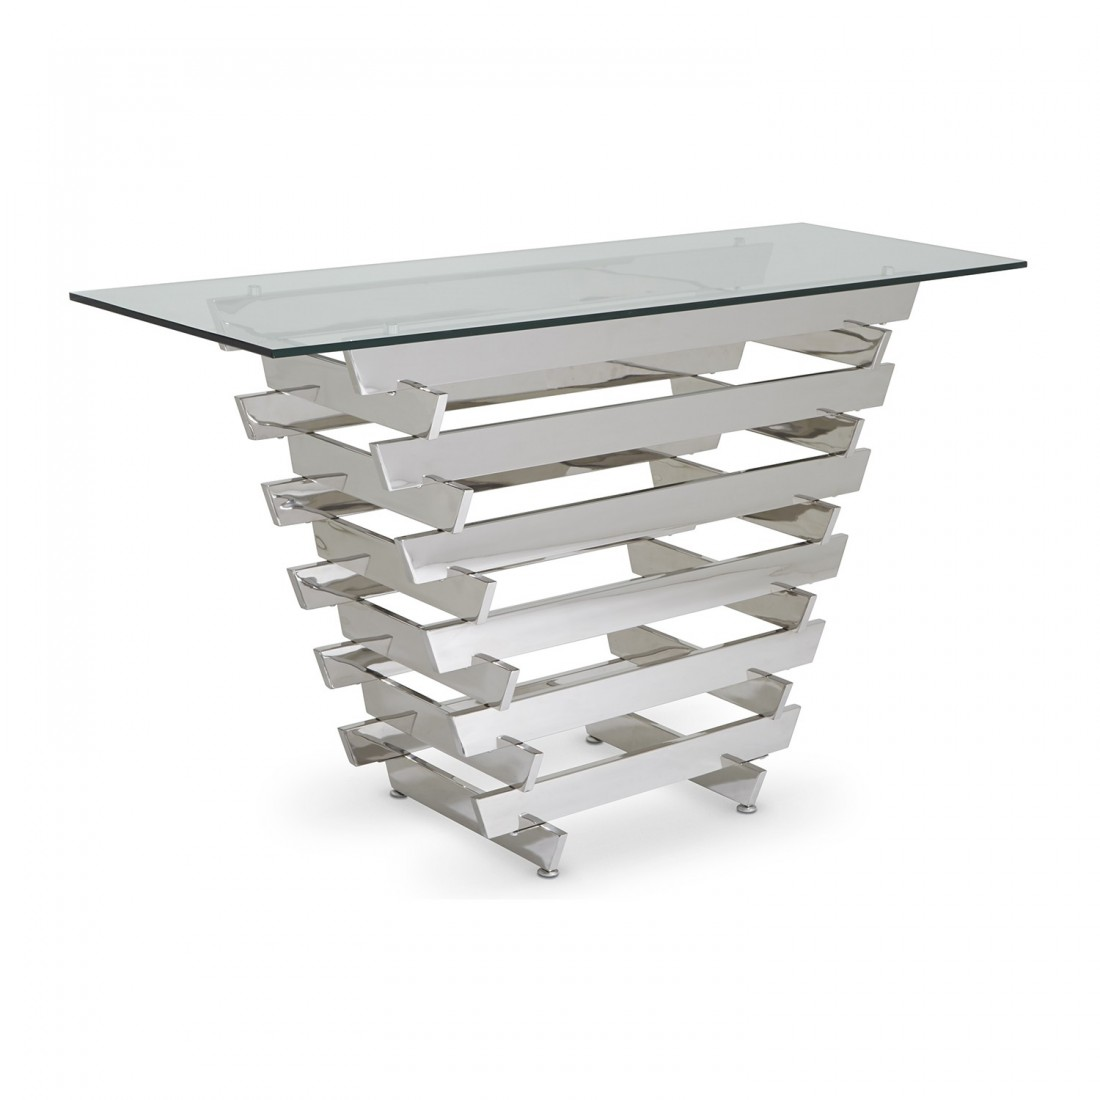 Spirit Home - Spirit NS konzolový stůl